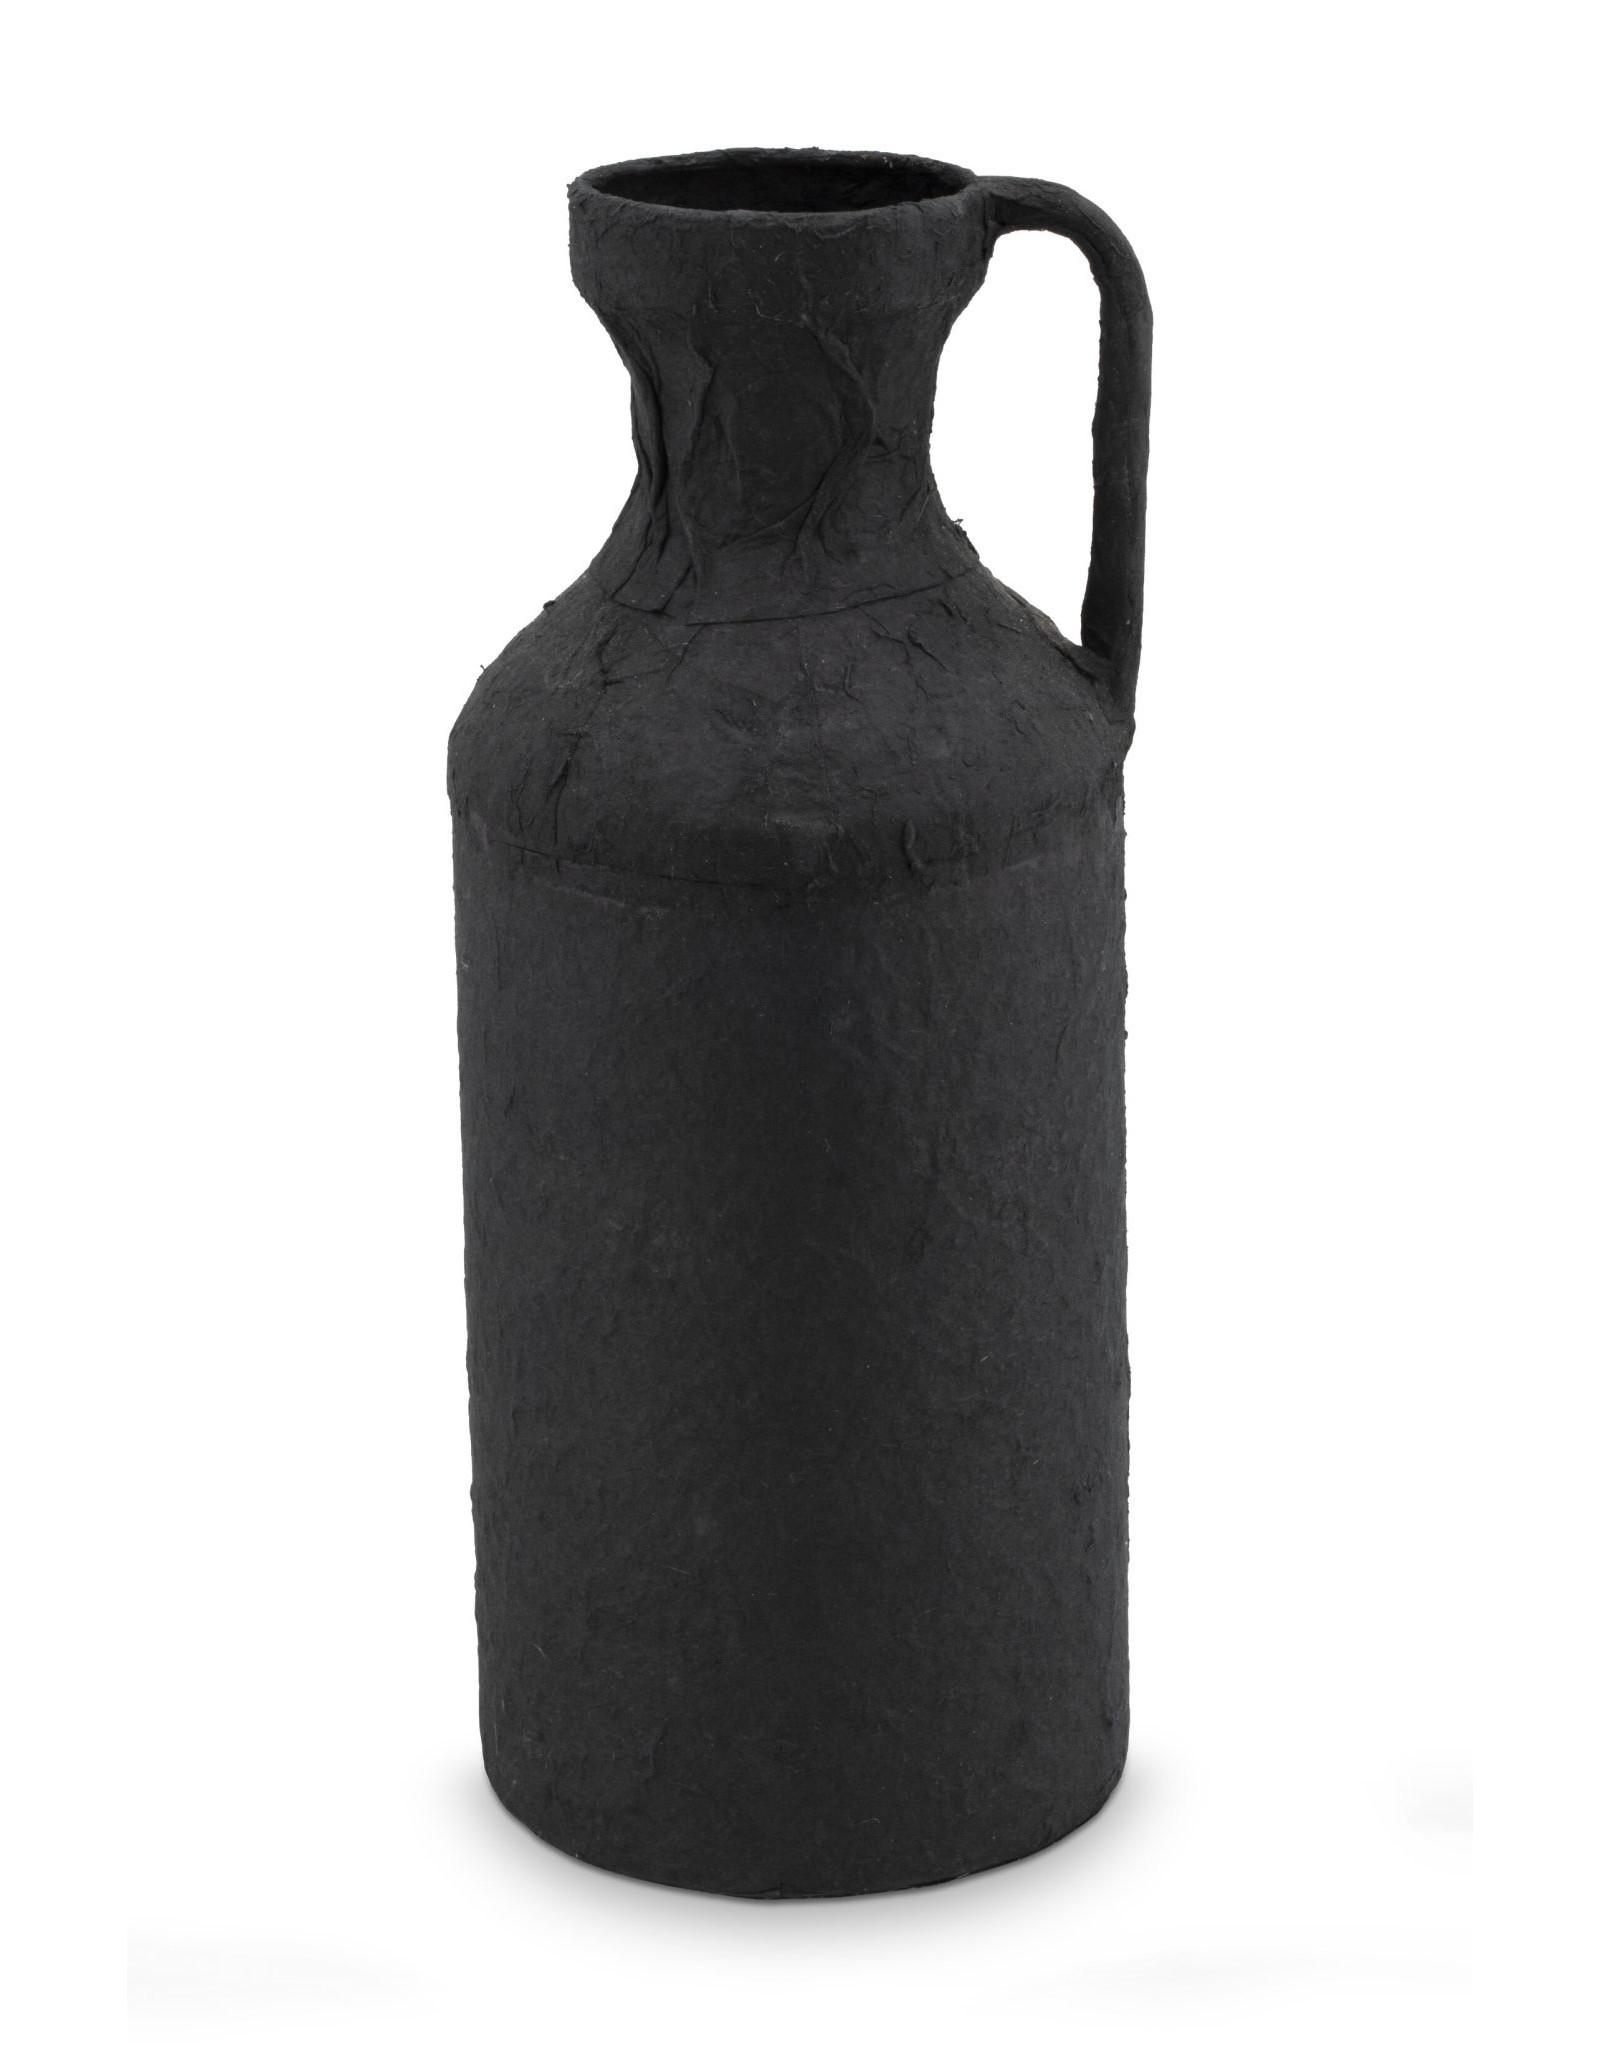 vt-wonen VT-WONEN. Jug Paper Marche Black Ø 16x38cm